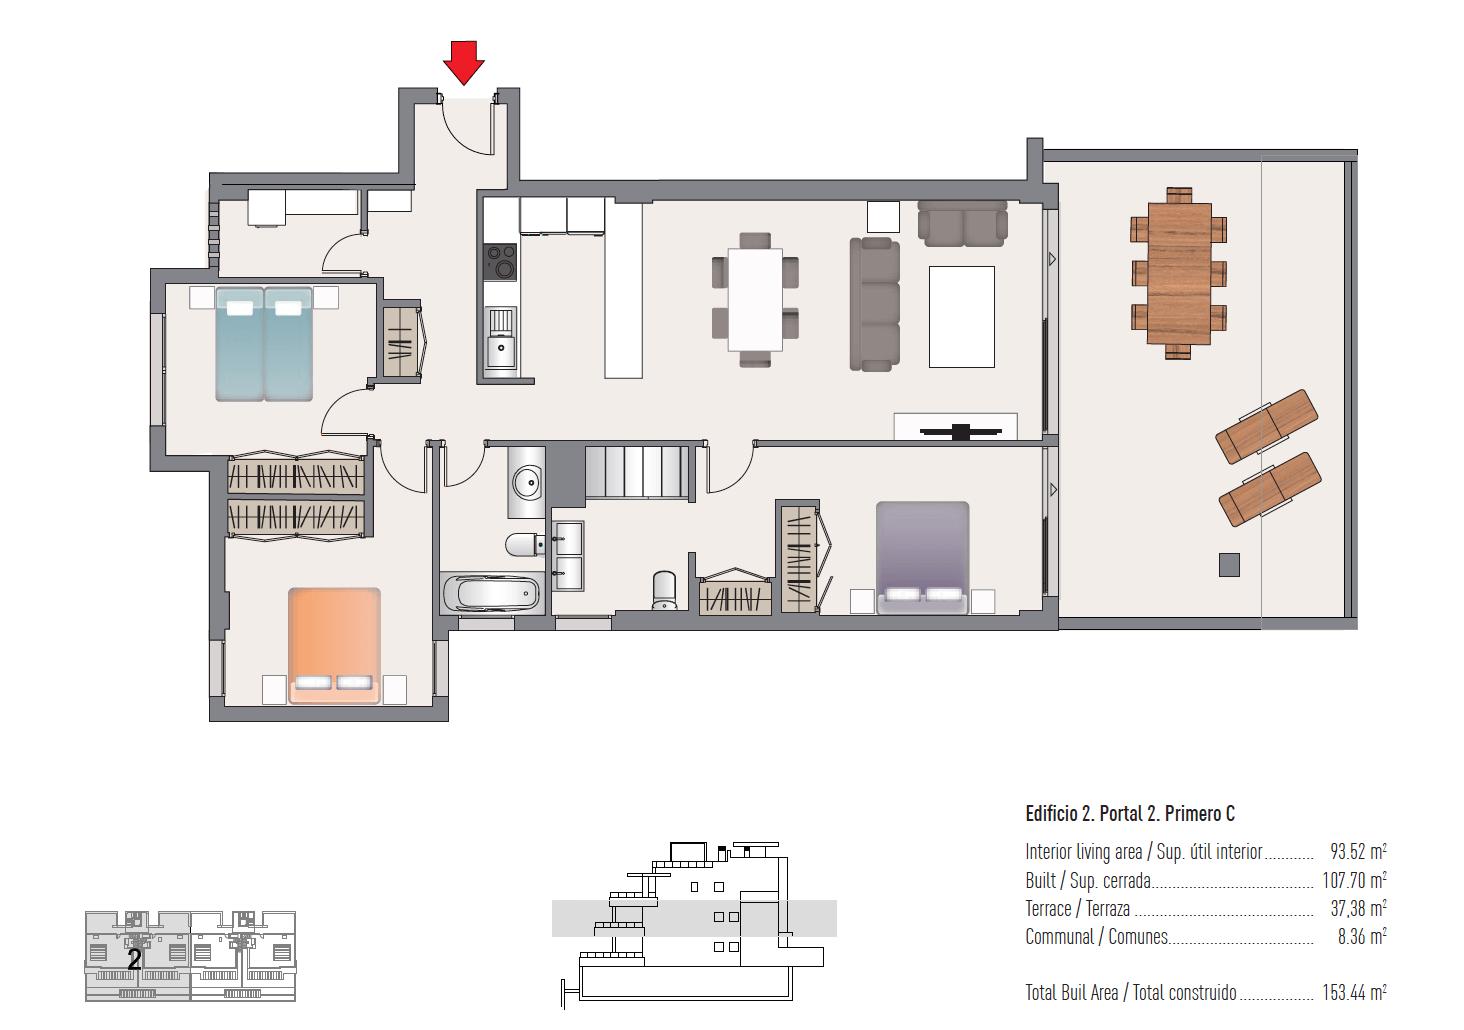 las olas estepona appartement te koop grondplan verdieping 3 slaapkamers